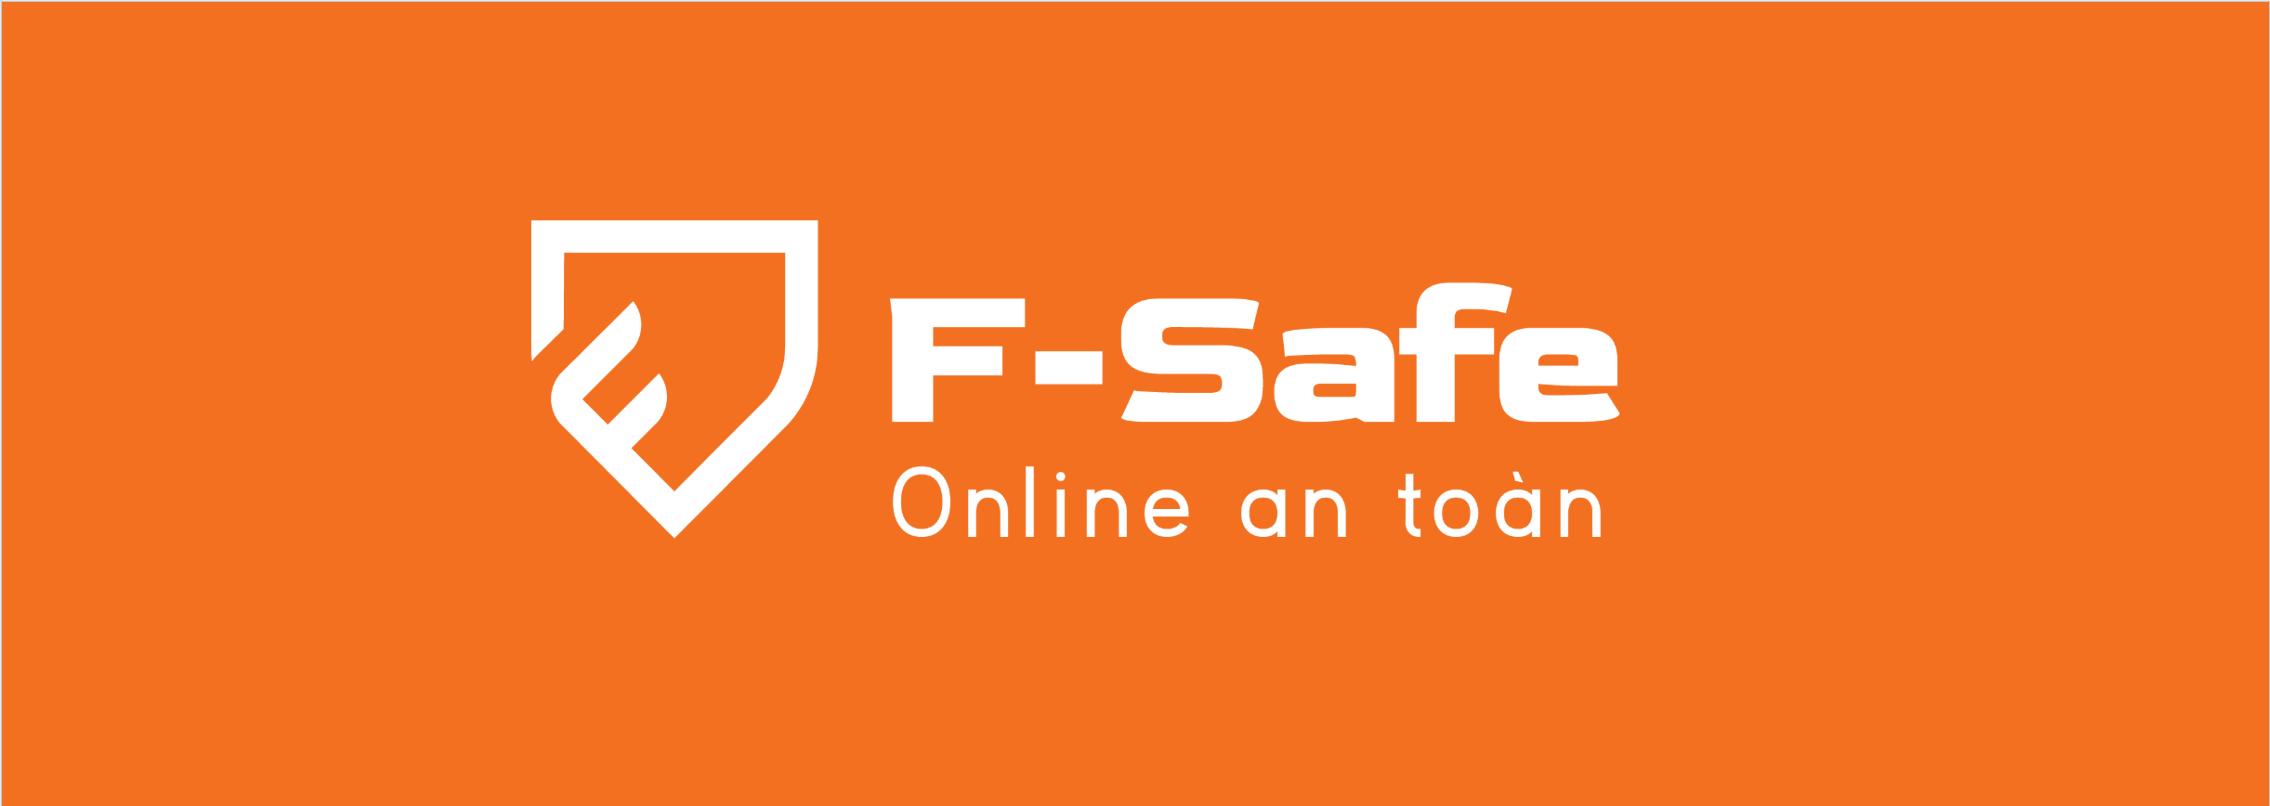 f-safe giải pháp an ninh mạng